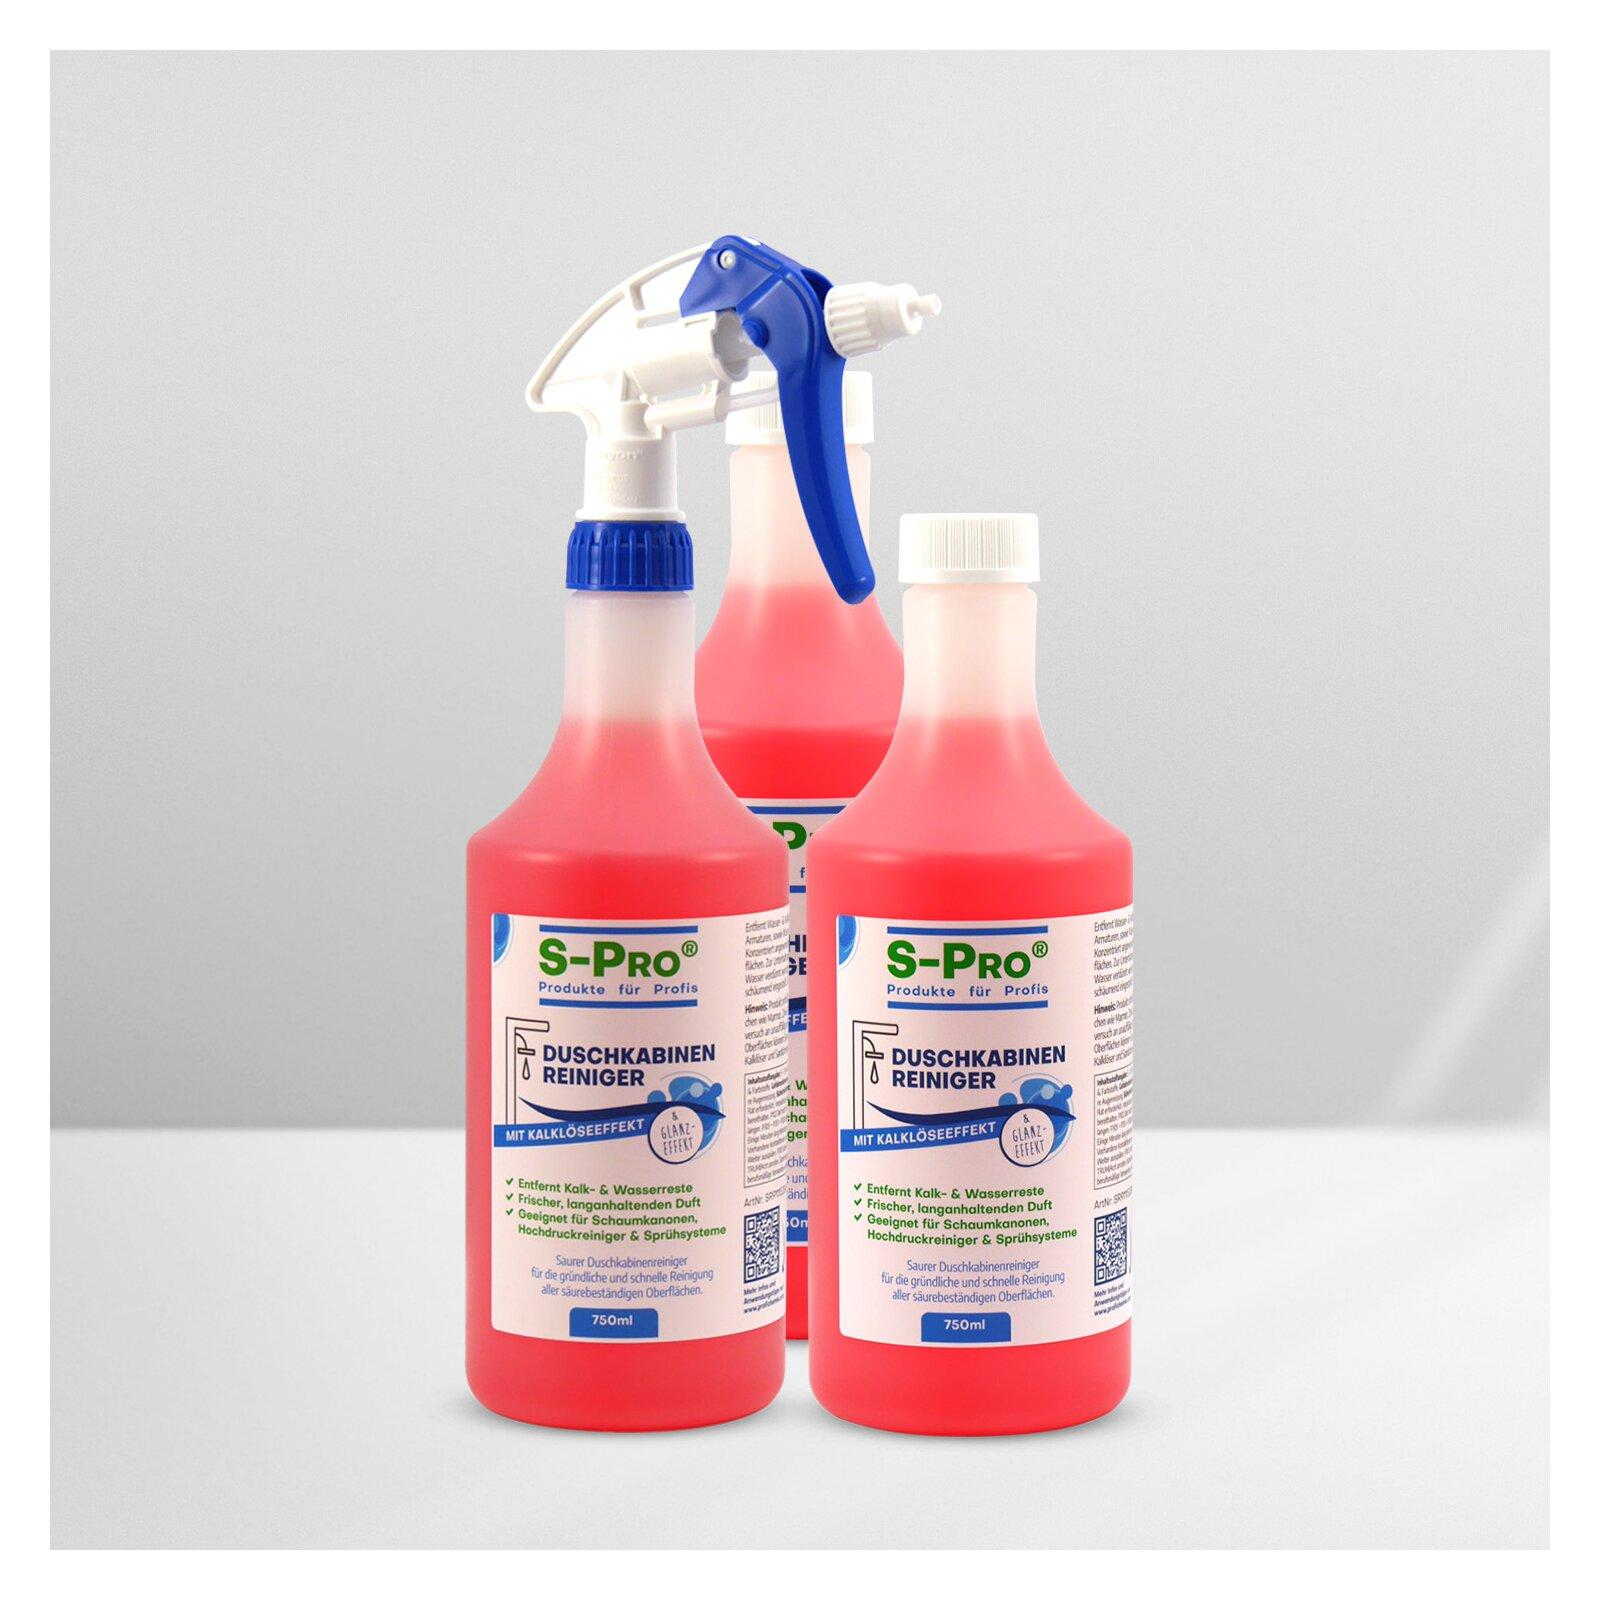 SPro(R) Duschkabinenreiniger 3x 750 ml